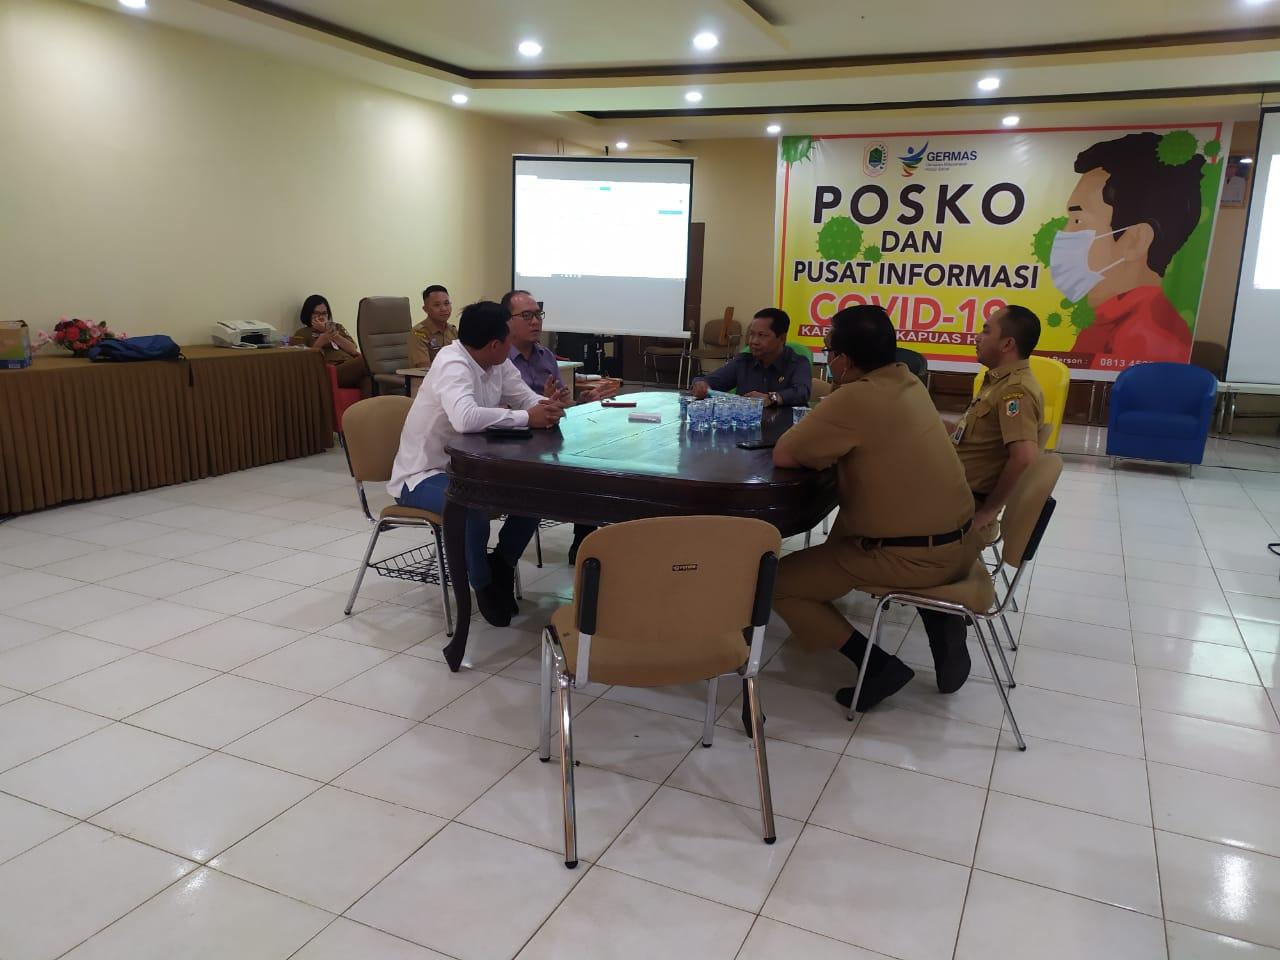 Wakil Ketua DPRD Kapuas Hulu dan Anggota Kunjungi Posko Covid19 di Dinkes